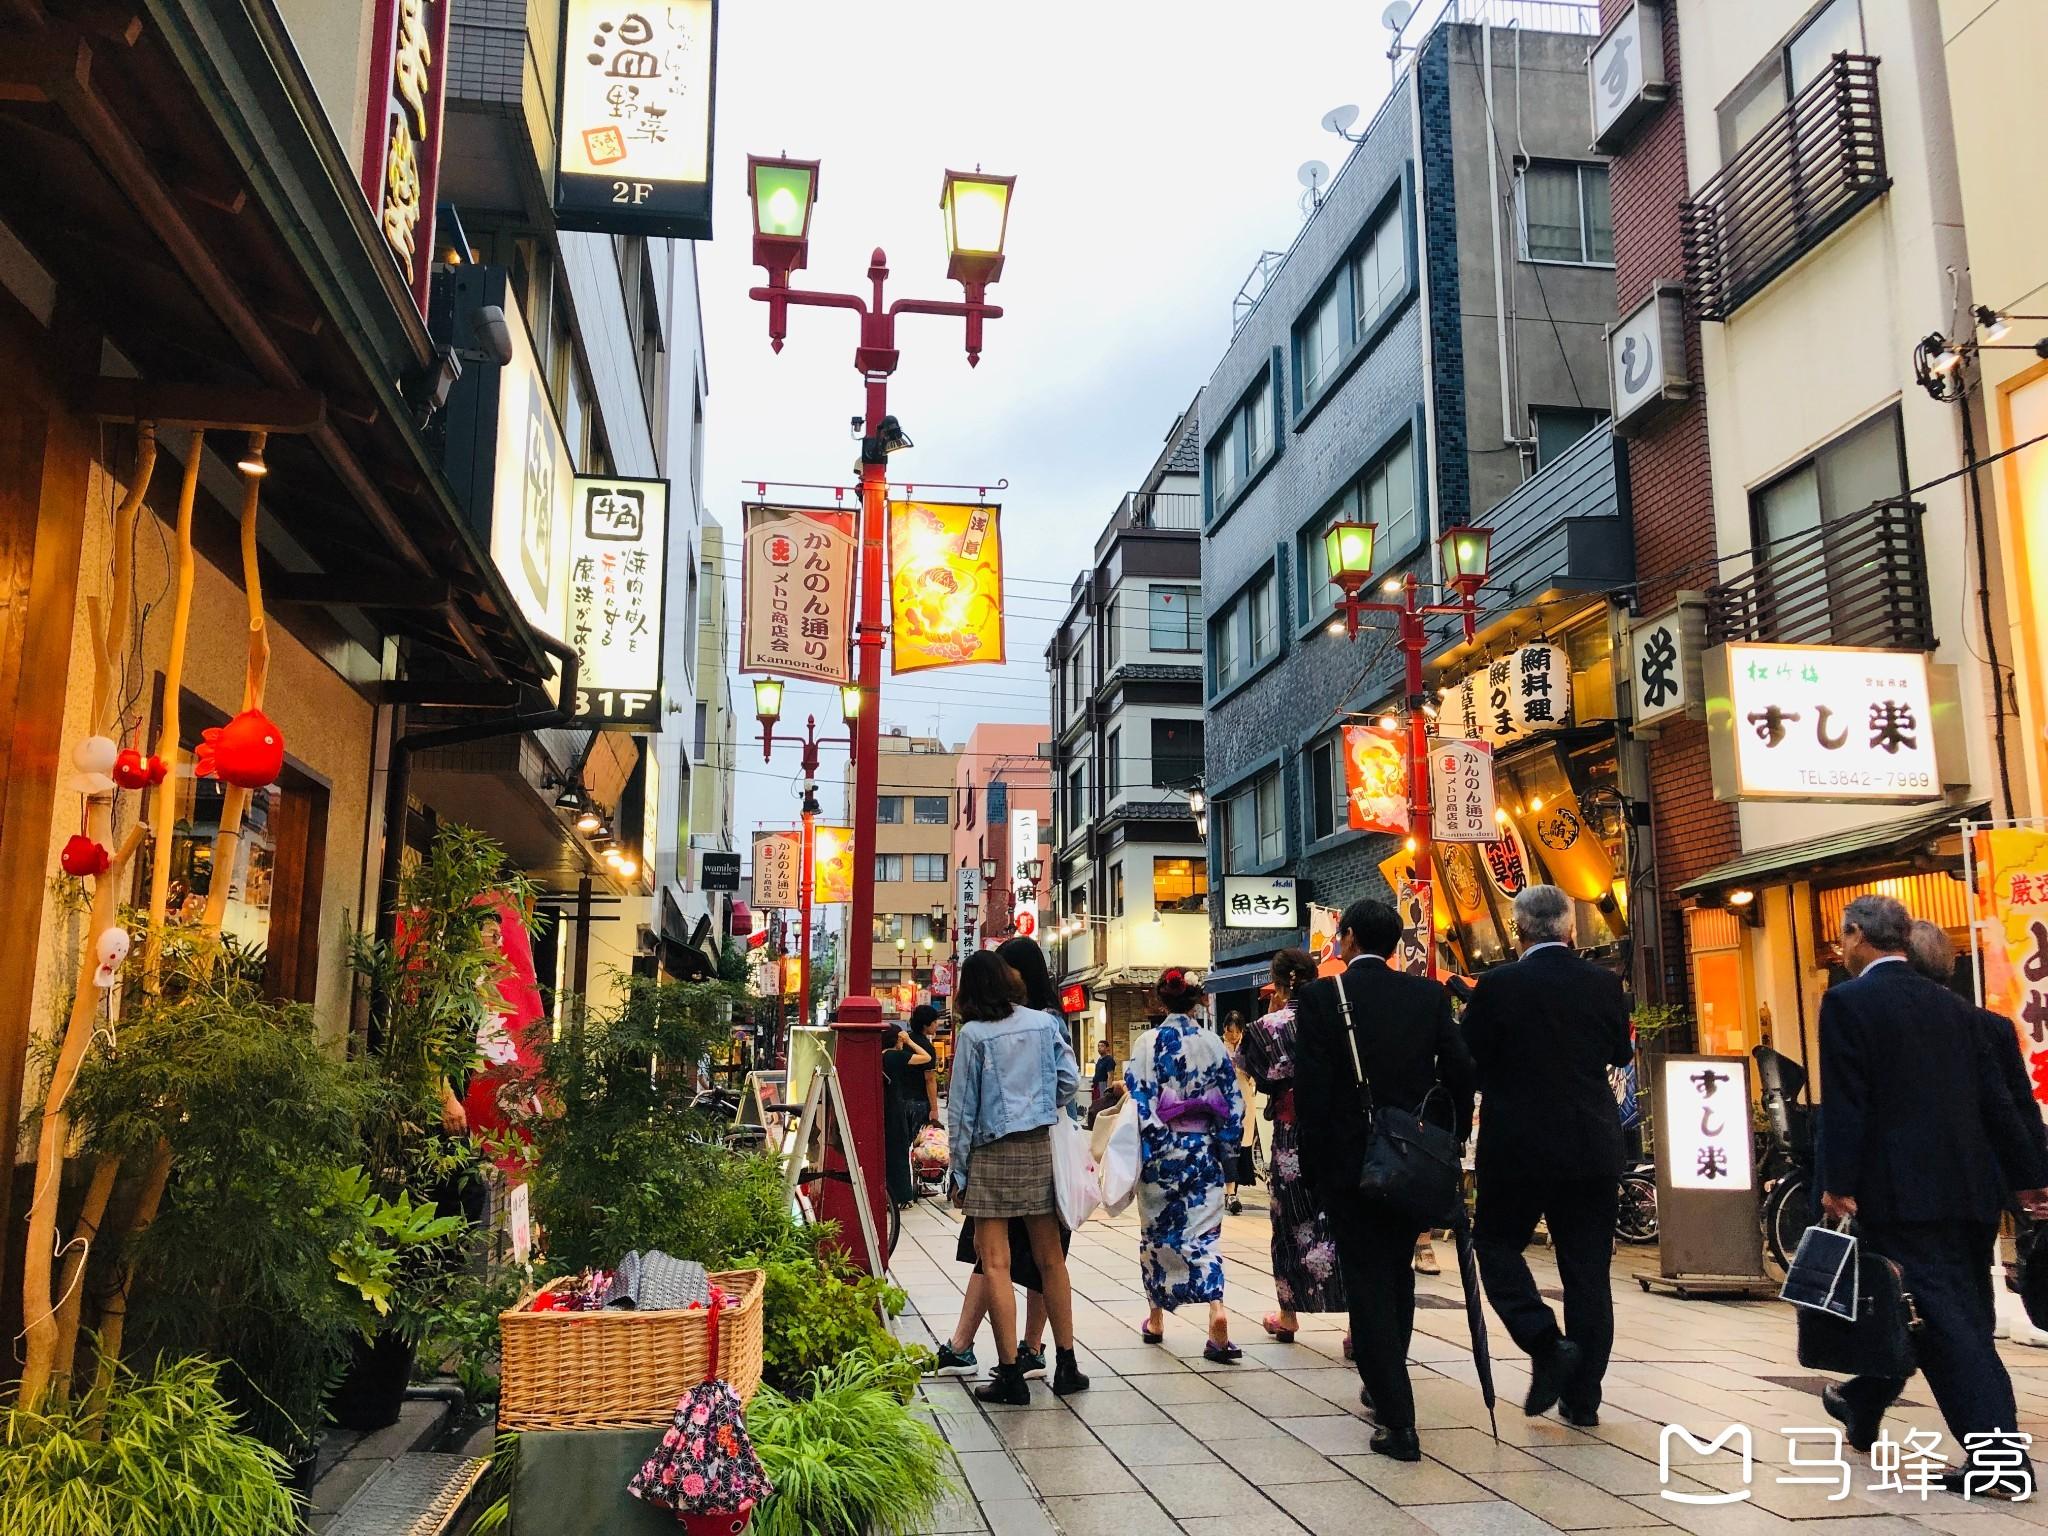 去日本 7天6晚自由行 大概要花多少钱_游记